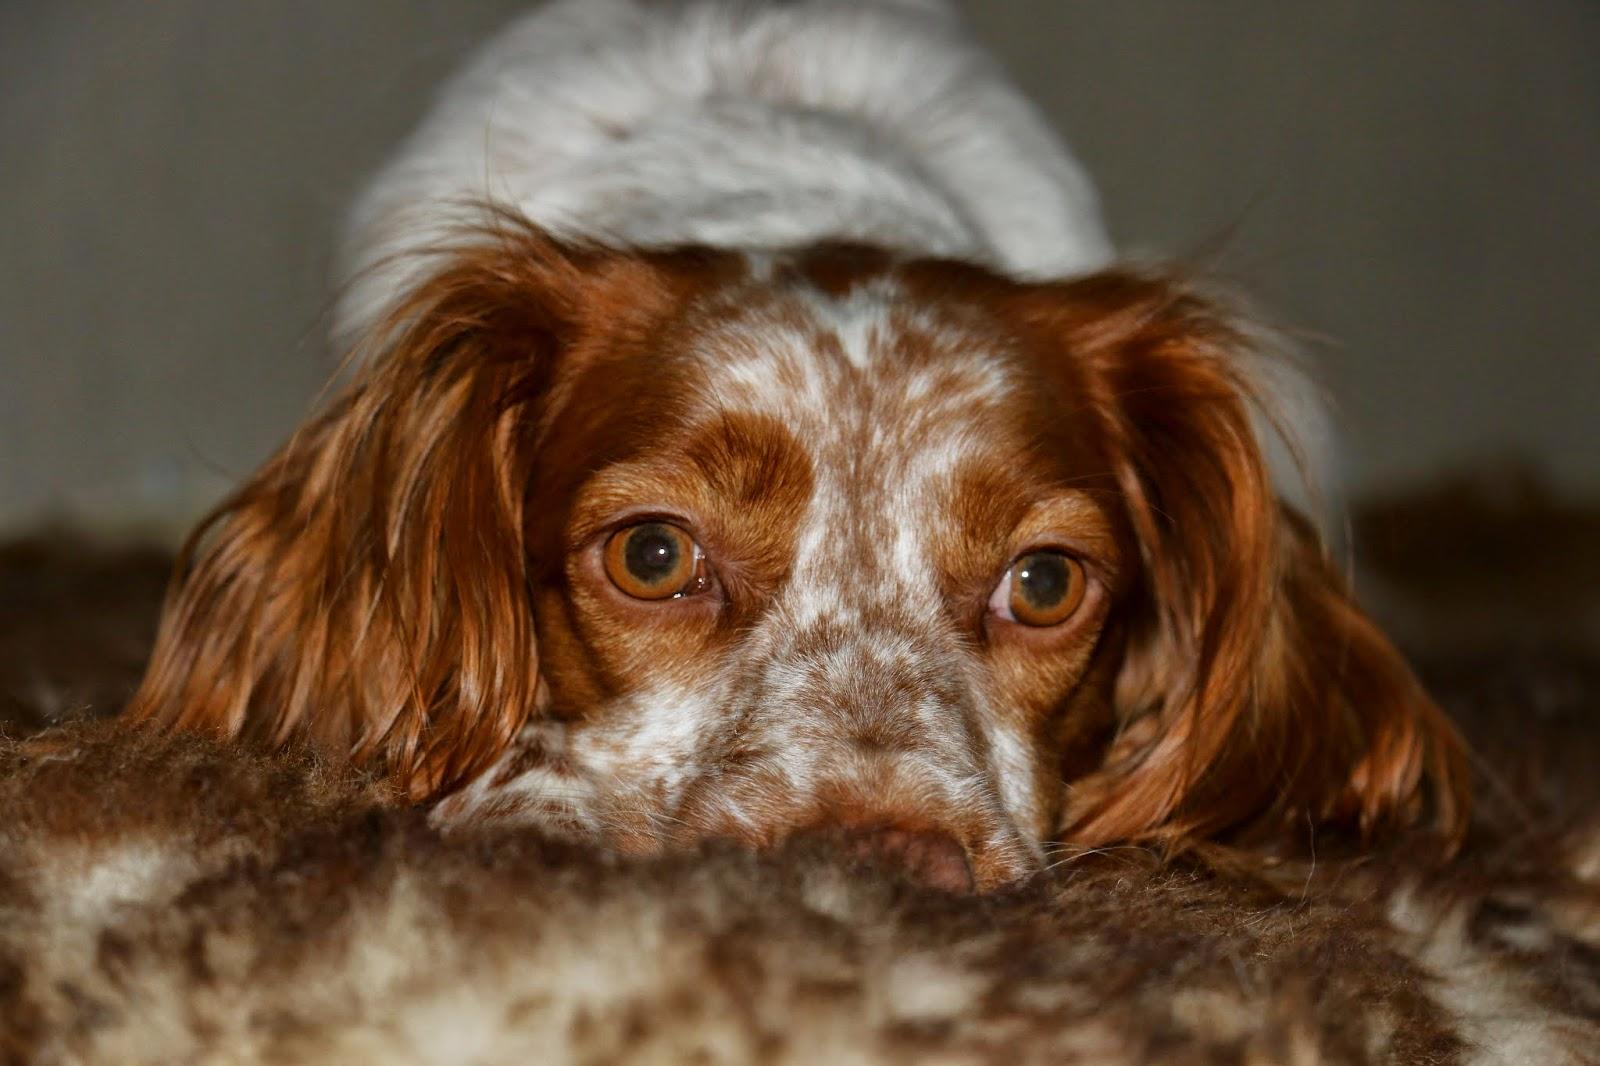 Hundeblog | Fressen, Kuscheln Buddeln...: Ein Fell für Zwei